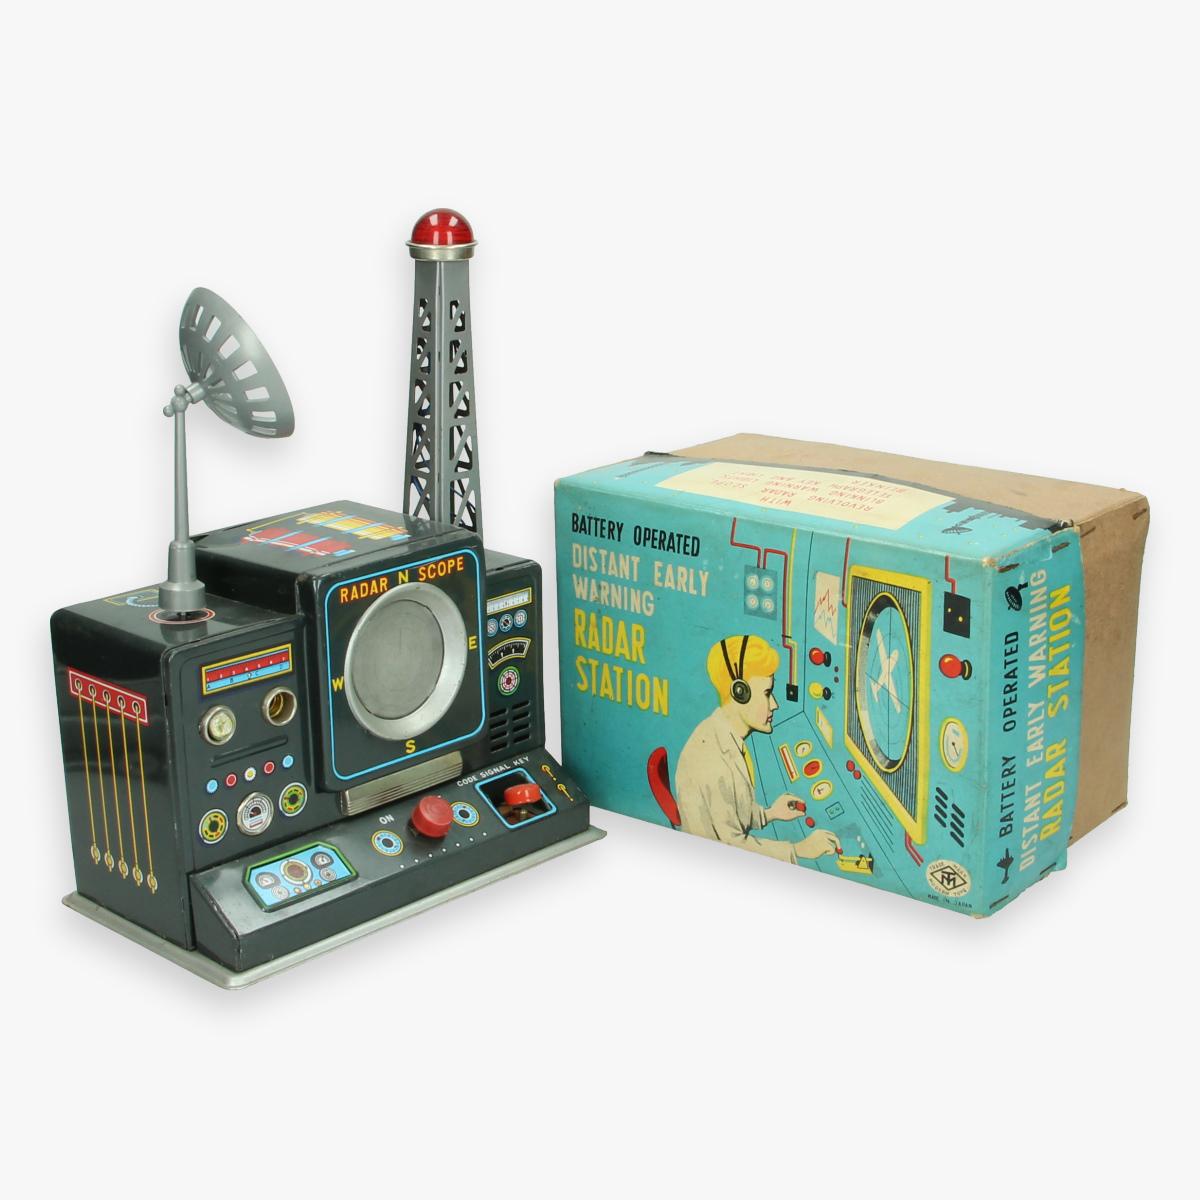 Afbeeldingen van distant early warning radar station (boxed)  jaren 50 zeldzaam in doos